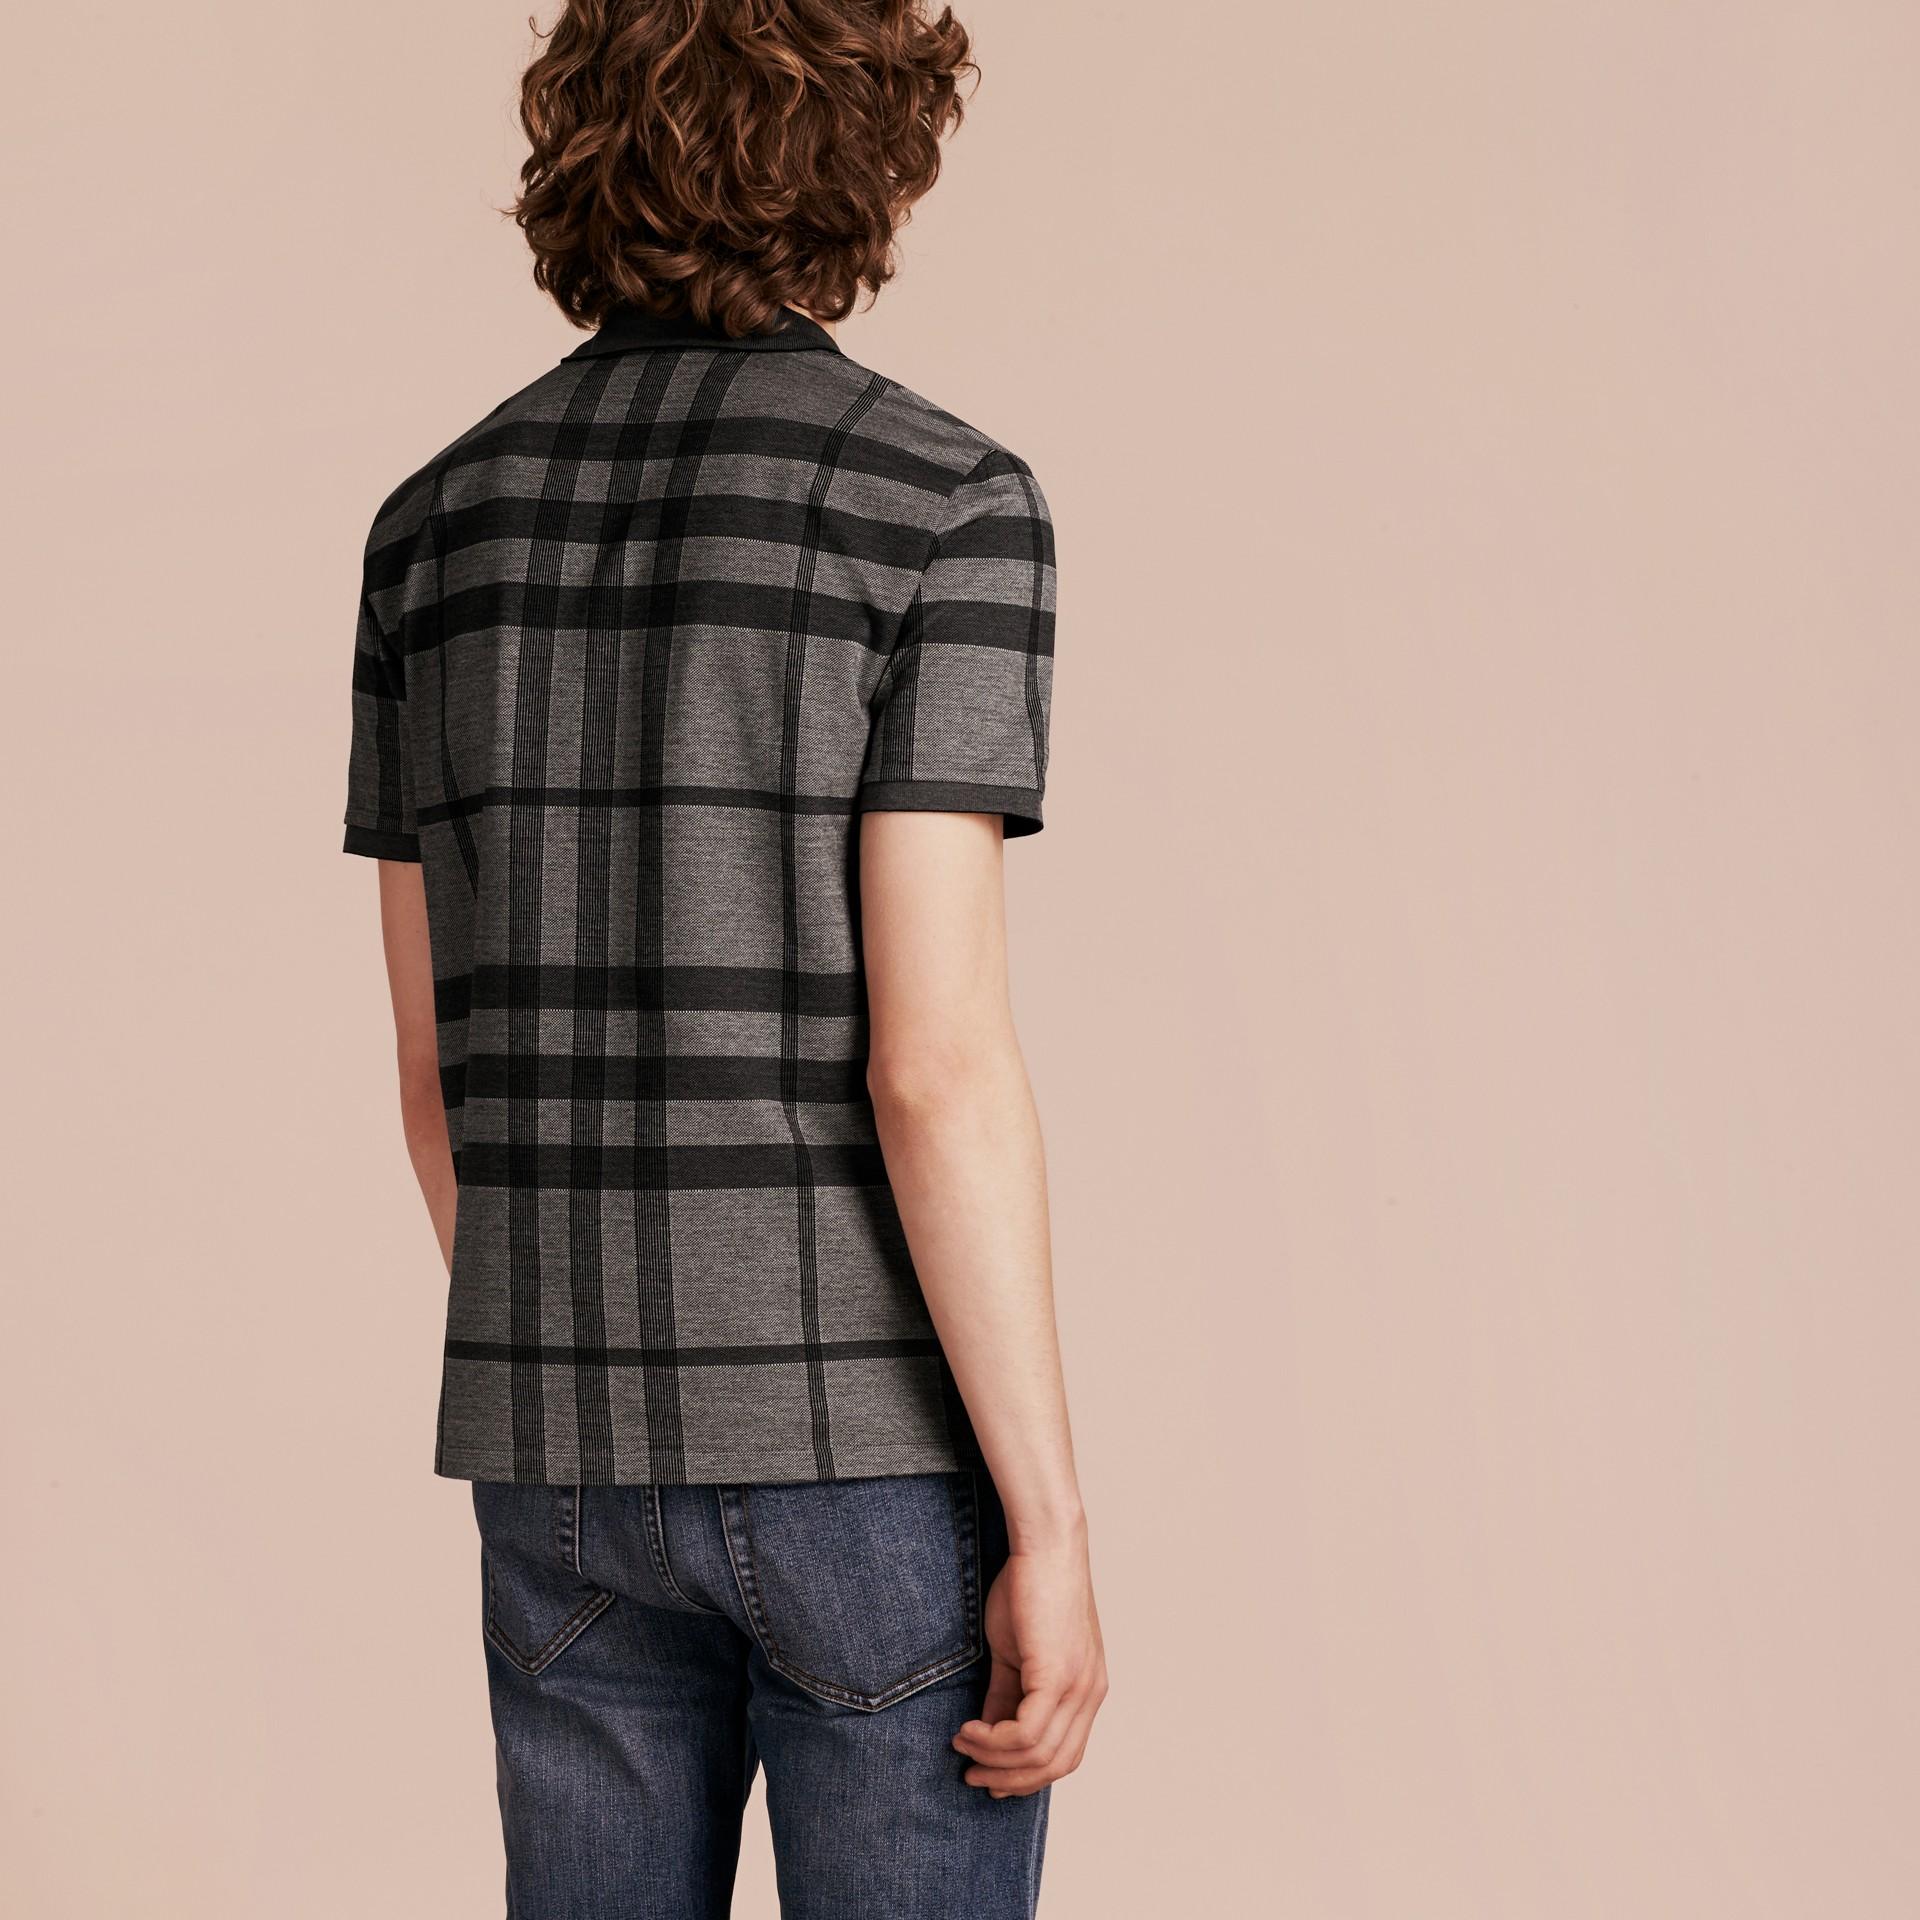 Mittelgrau Poloshirt aus Stretchbaumwolle mit Check-Muster Mittelgrau - Galerie-Bild 3